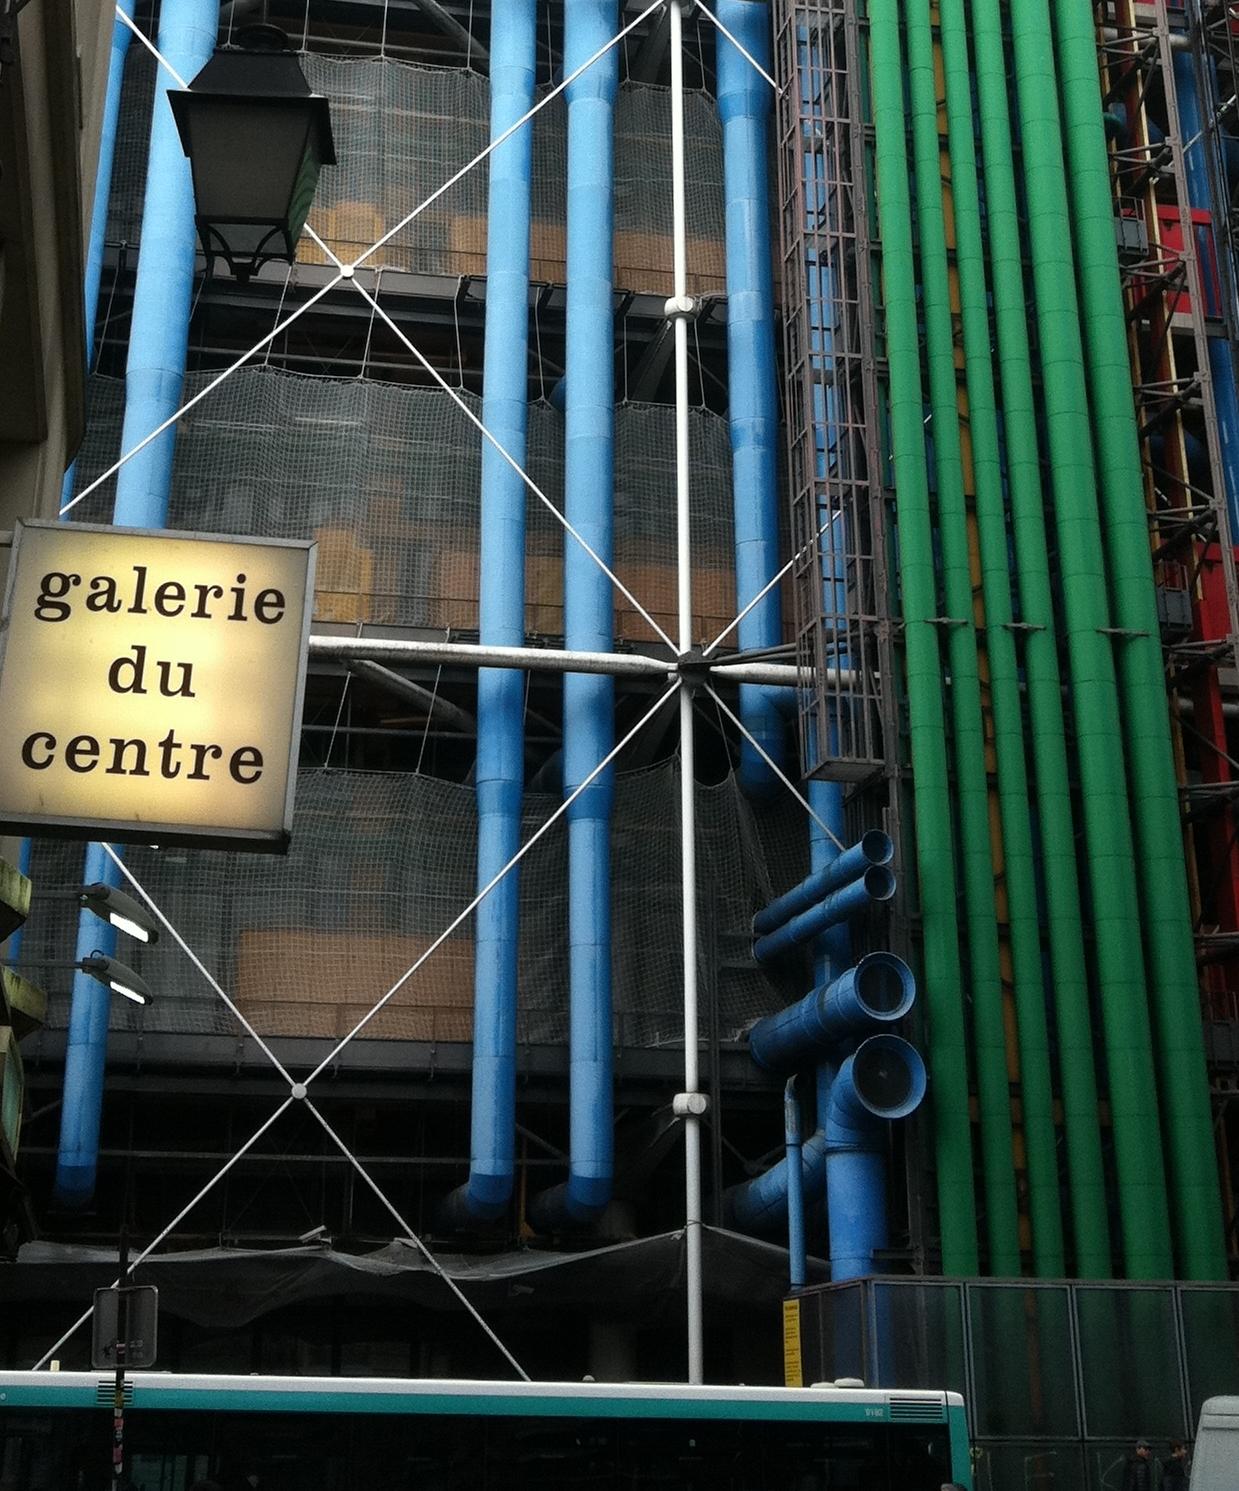 Galerie du Centre - La Galerie du centre repère et défend ses artistes avec conviction.Reconnue internationalement pour la Nouvelle Figuration et le Pop art, elle s'ouvre aujourd'hui à des artistes contemporains spécialisés dans les nouveaux médias d'expression.Avec la collaboration de l'agence JR & Associée, la Galerie du Centre décide de rendre hommage au 'Triptyque' grâce à la photographie, la vidéo et le son.5, Rue Pierre au Lard, (Angle 22 rue du Renard)